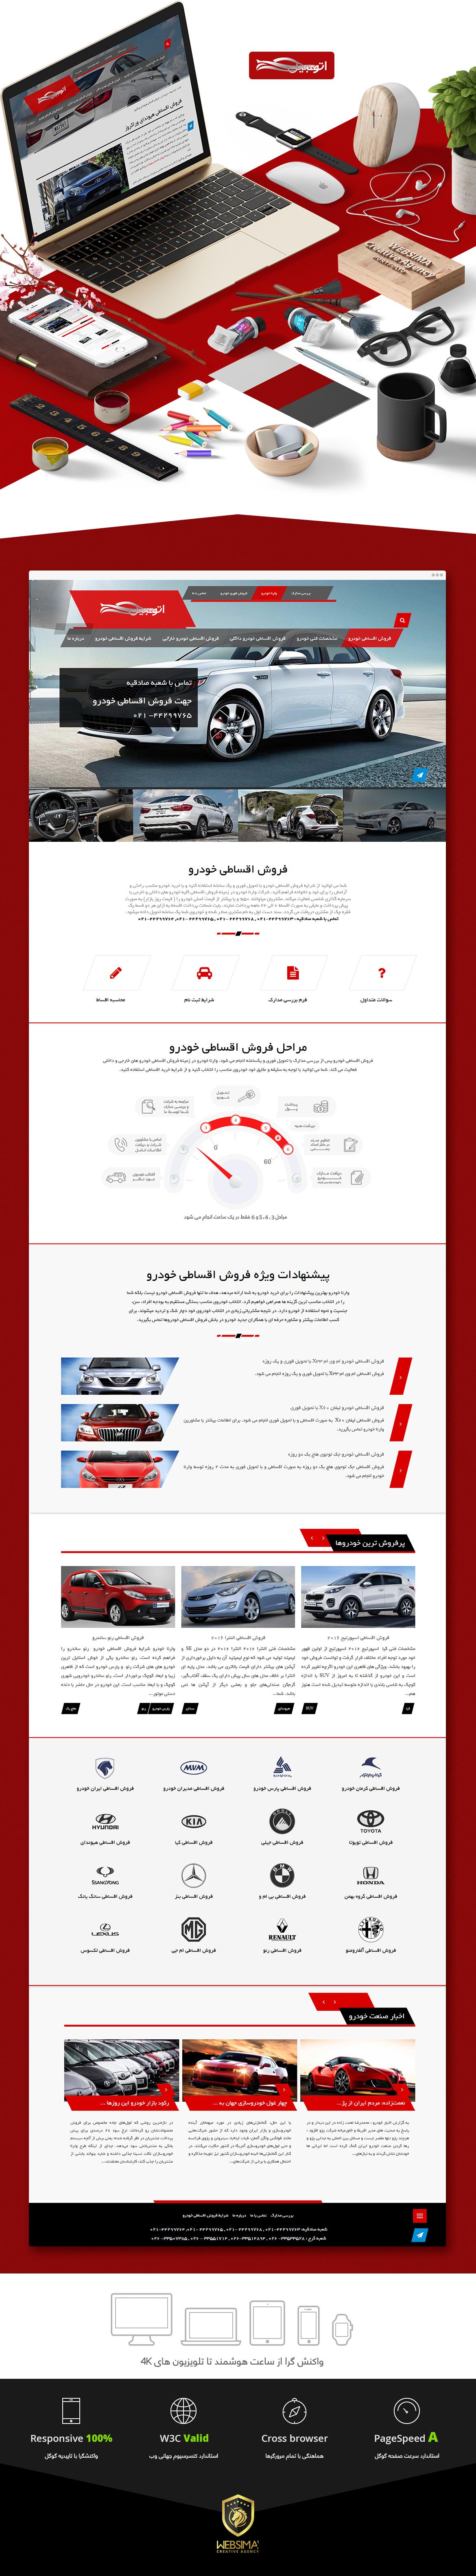 طراحی سایت فوری خودرو